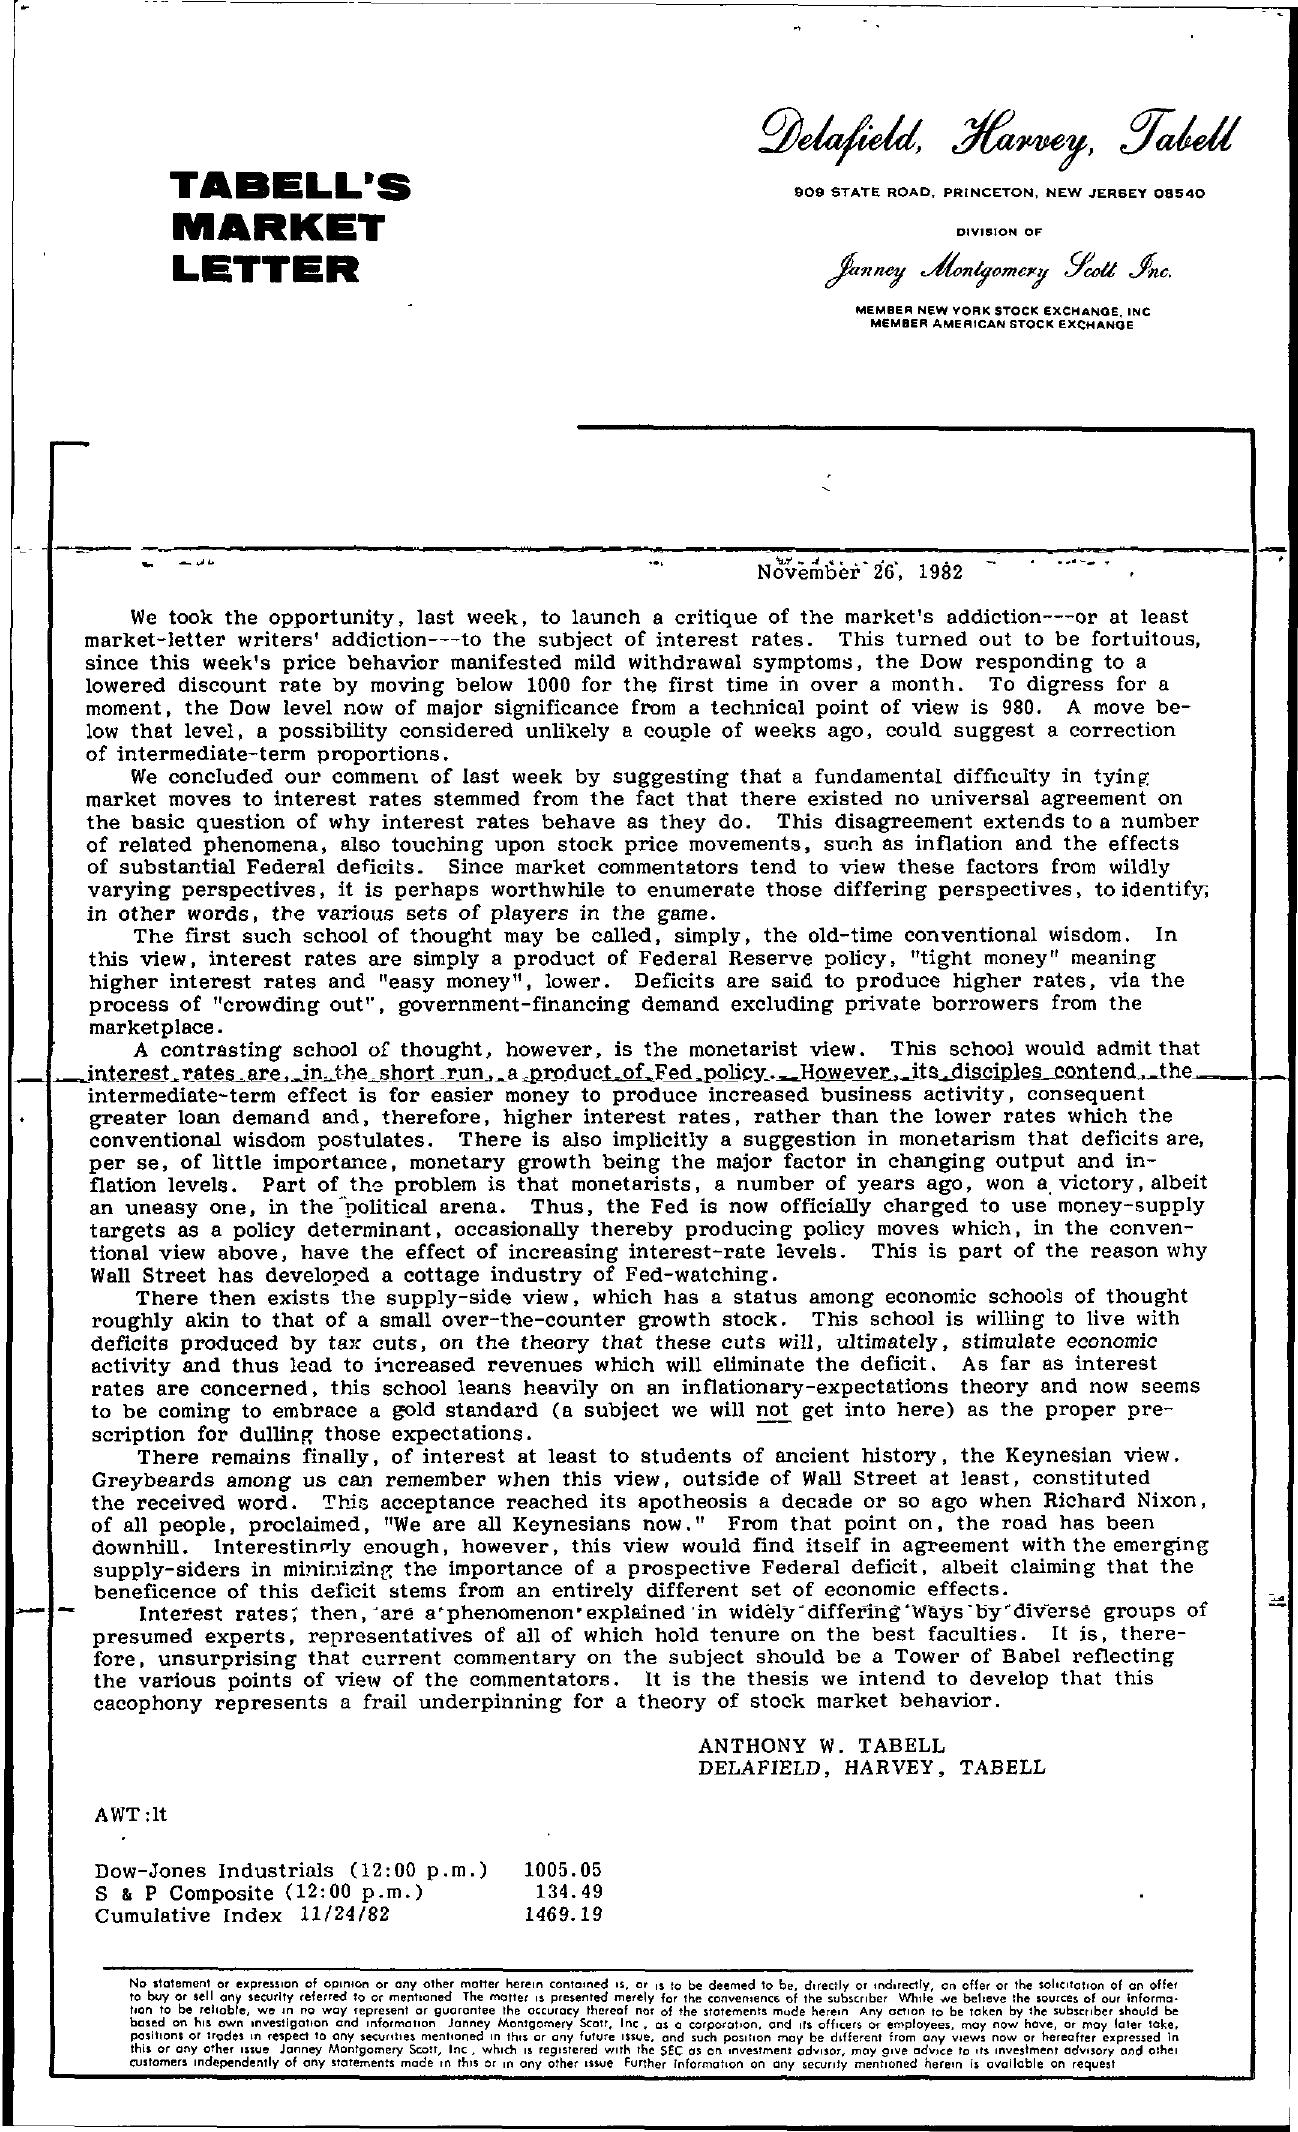 Tabell's Market Letter - November 26, 1982